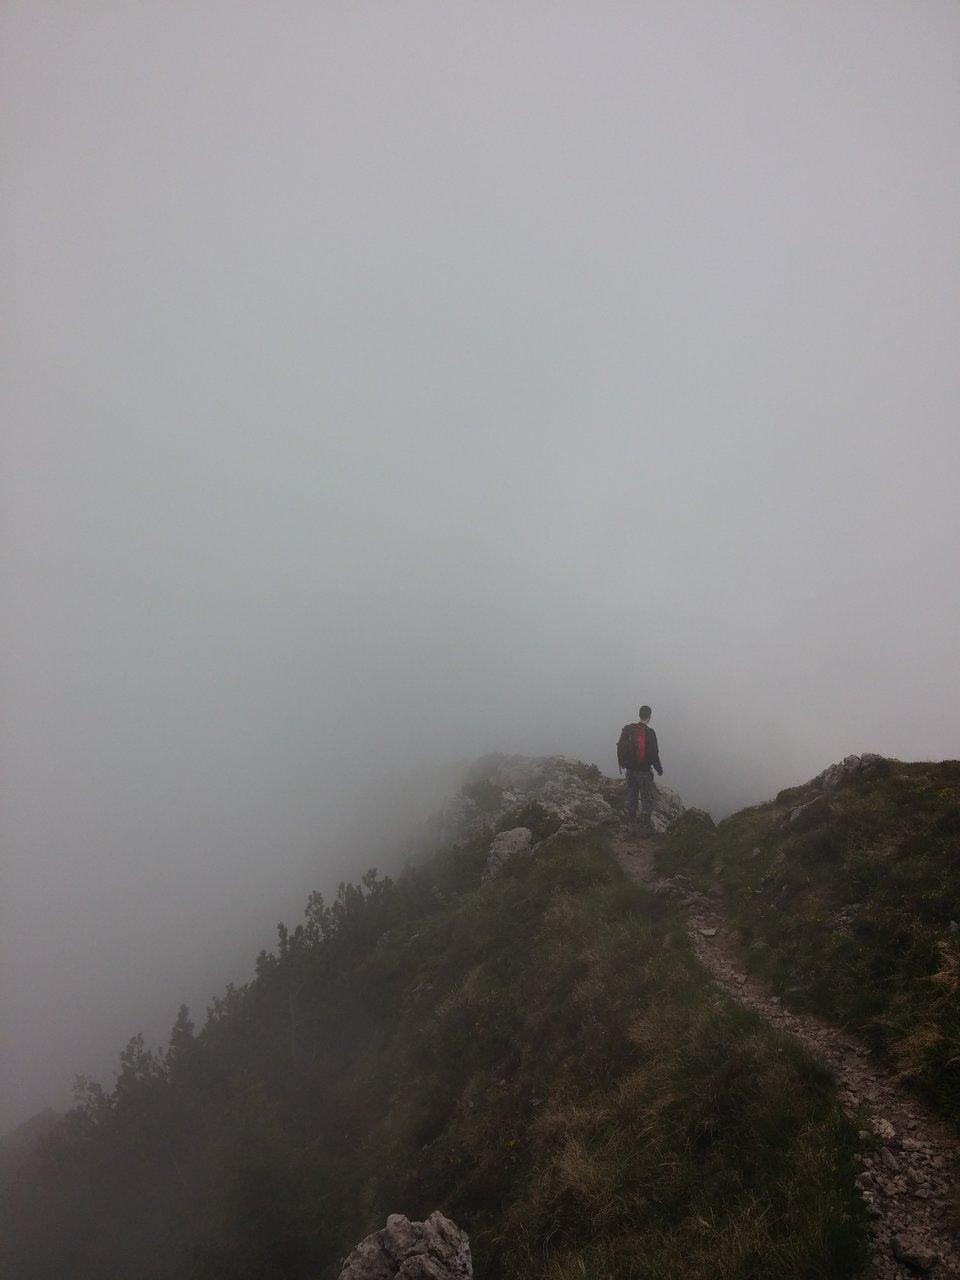 na zdjęciu widać mężczyznę idącego szlakiem wgórach, przed nim jednak gęsta mgła